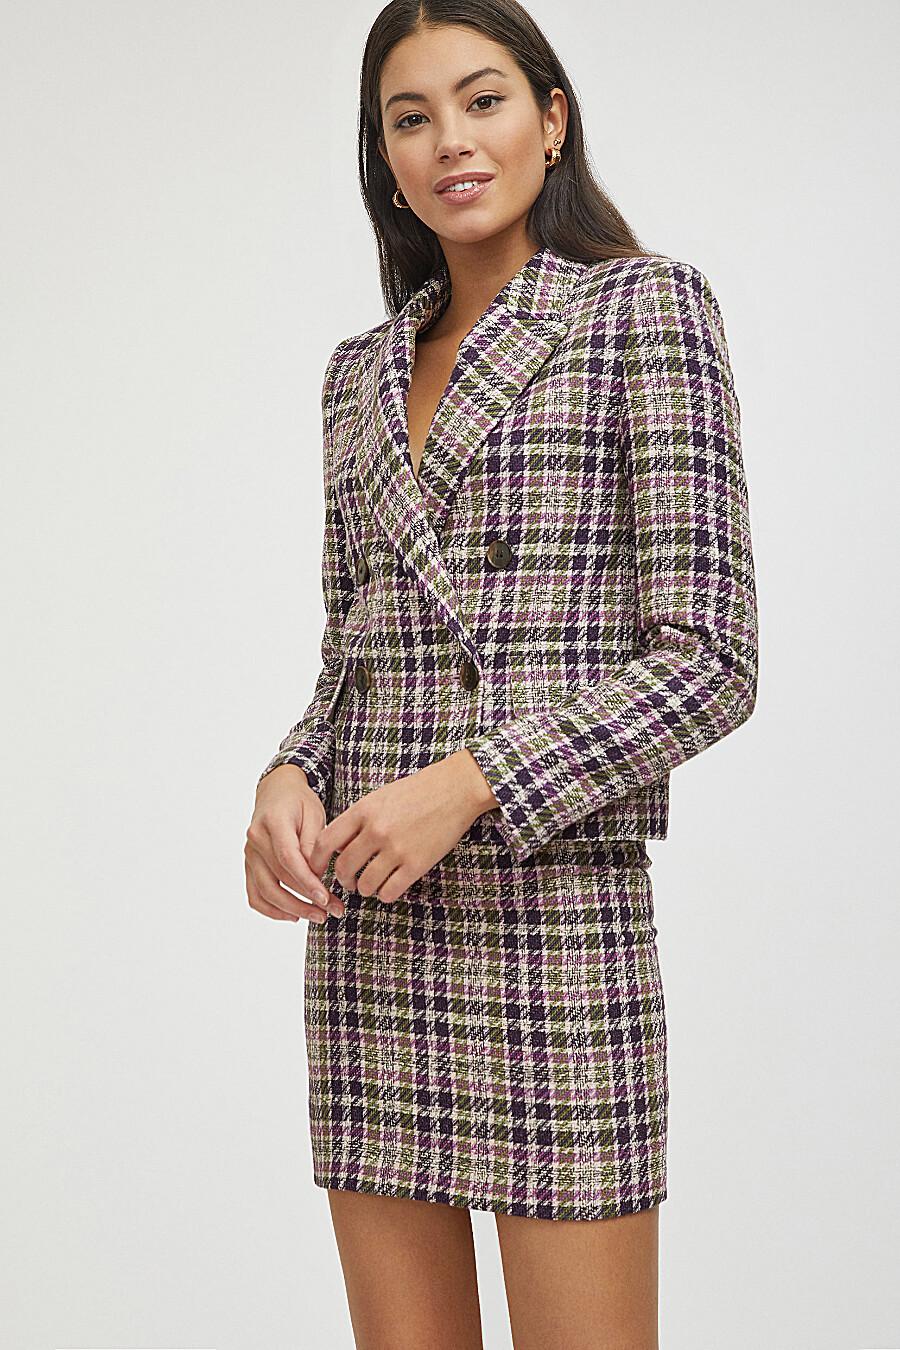 Юбка для женщин CALISTA 272287 купить оптом от производителя. Совместная покупка женской одежды в OptMoyo